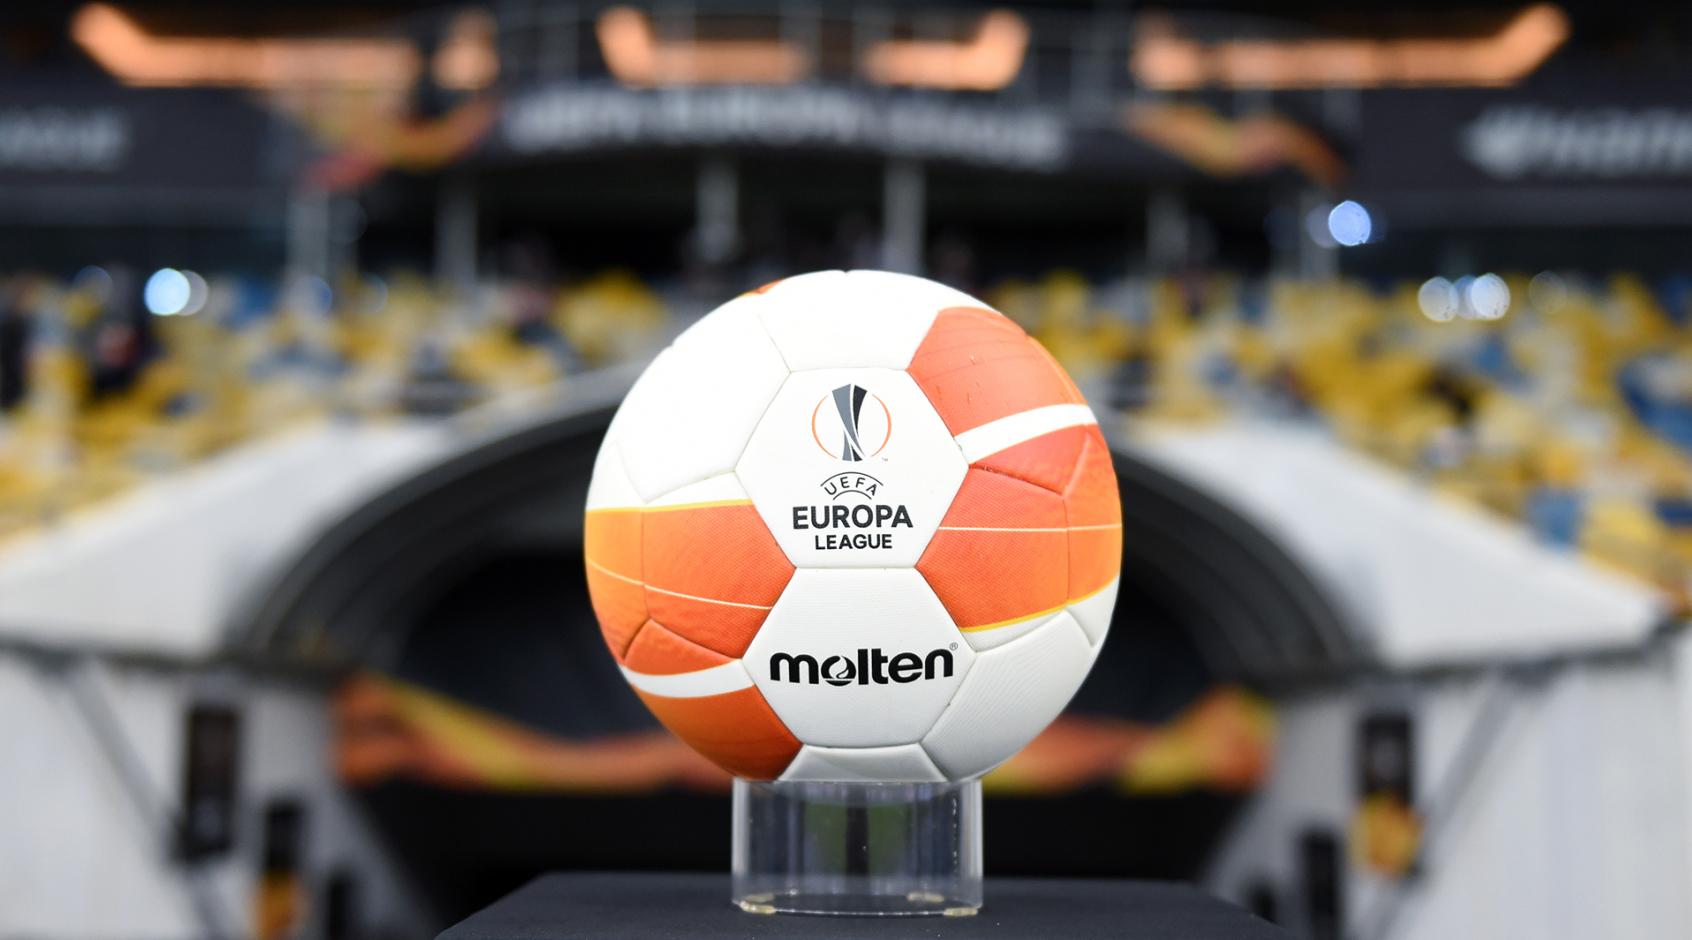 Состоялась жеребьевка раунда плей-офф Лиги Европы